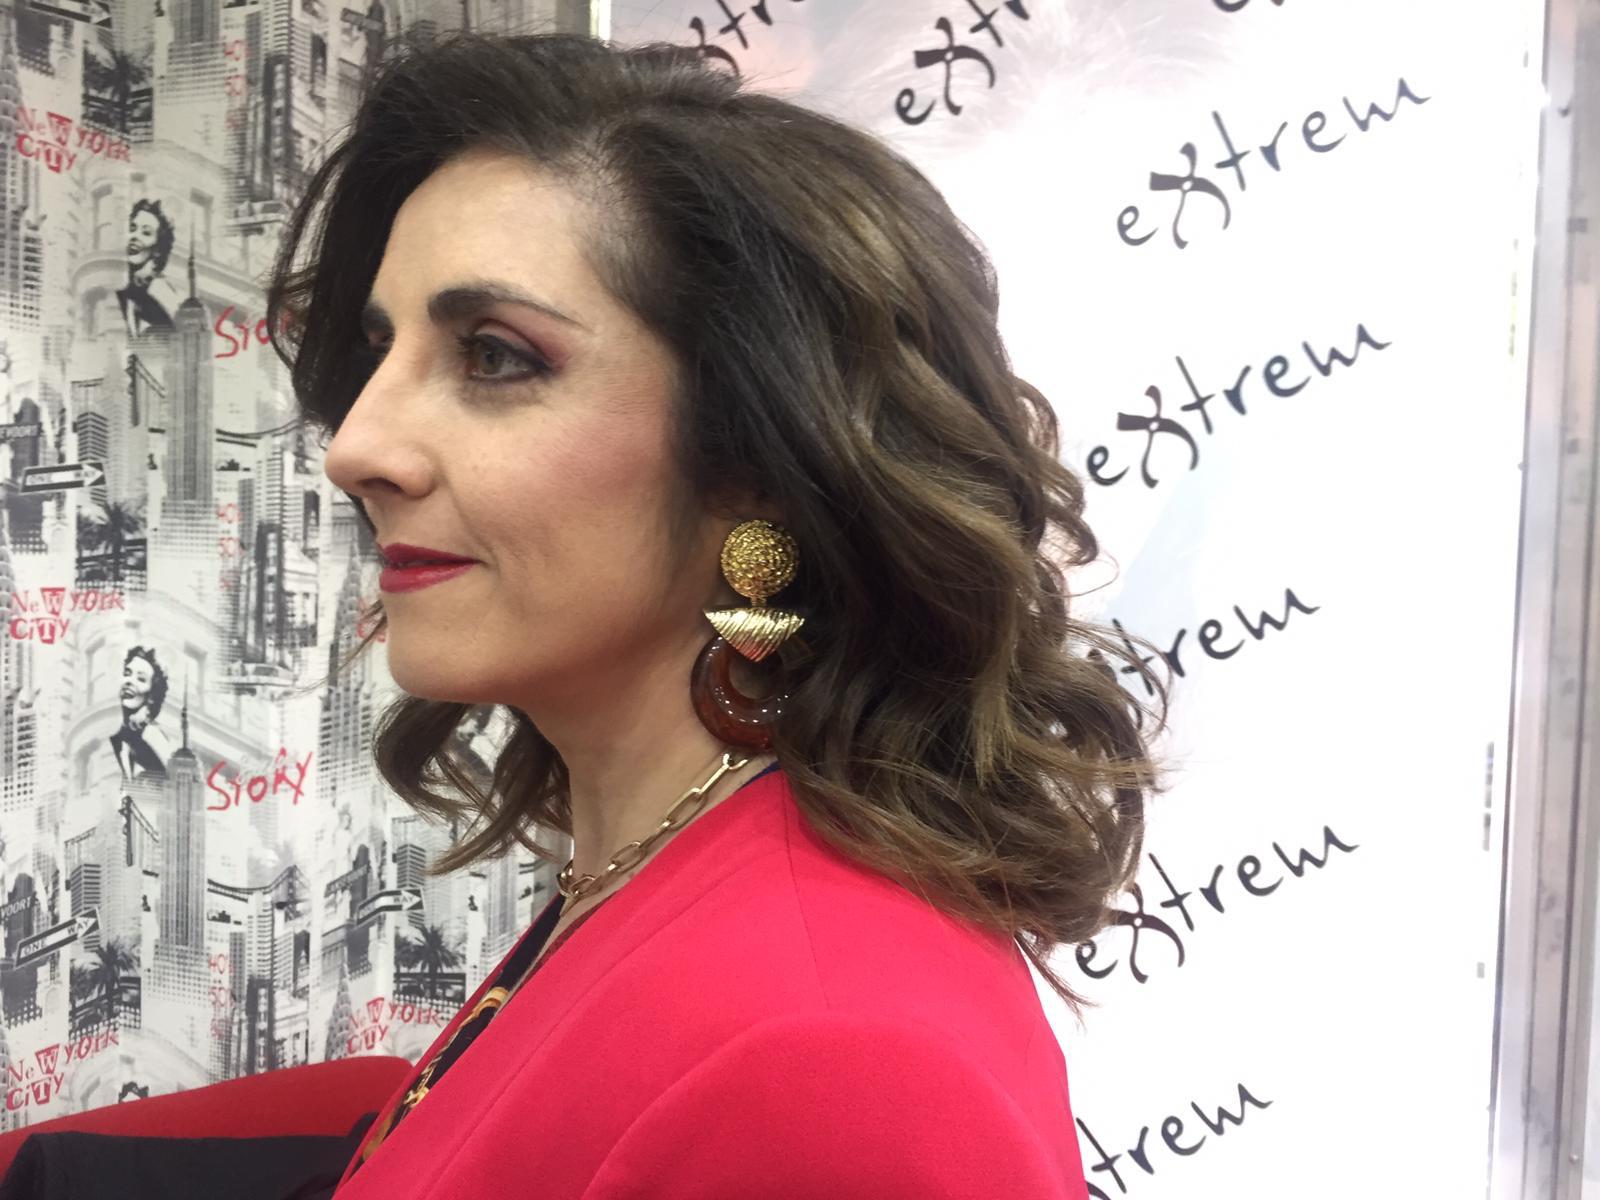 Trabajo de Maquillaje y Secado con Ondas en Extrem peluquería de Jaén